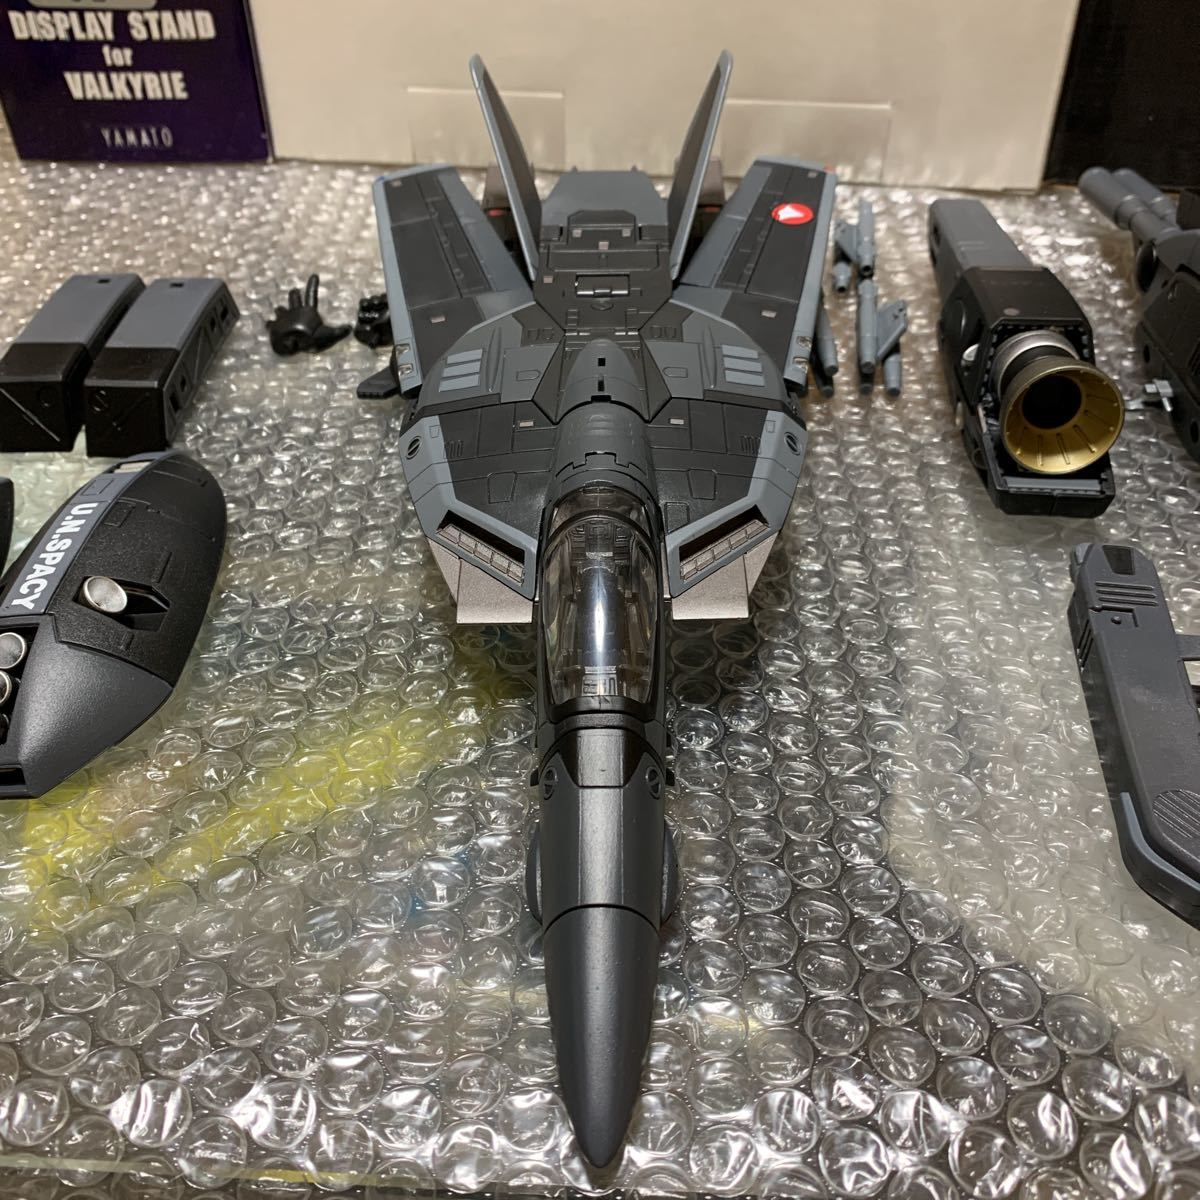 極美品 希少 やまと YAMATO 完全変形 1/48 VF-1J with Super & Strike parts Stealth type VF-1J ステルスタイプ スーパー ストライク 付_画像6